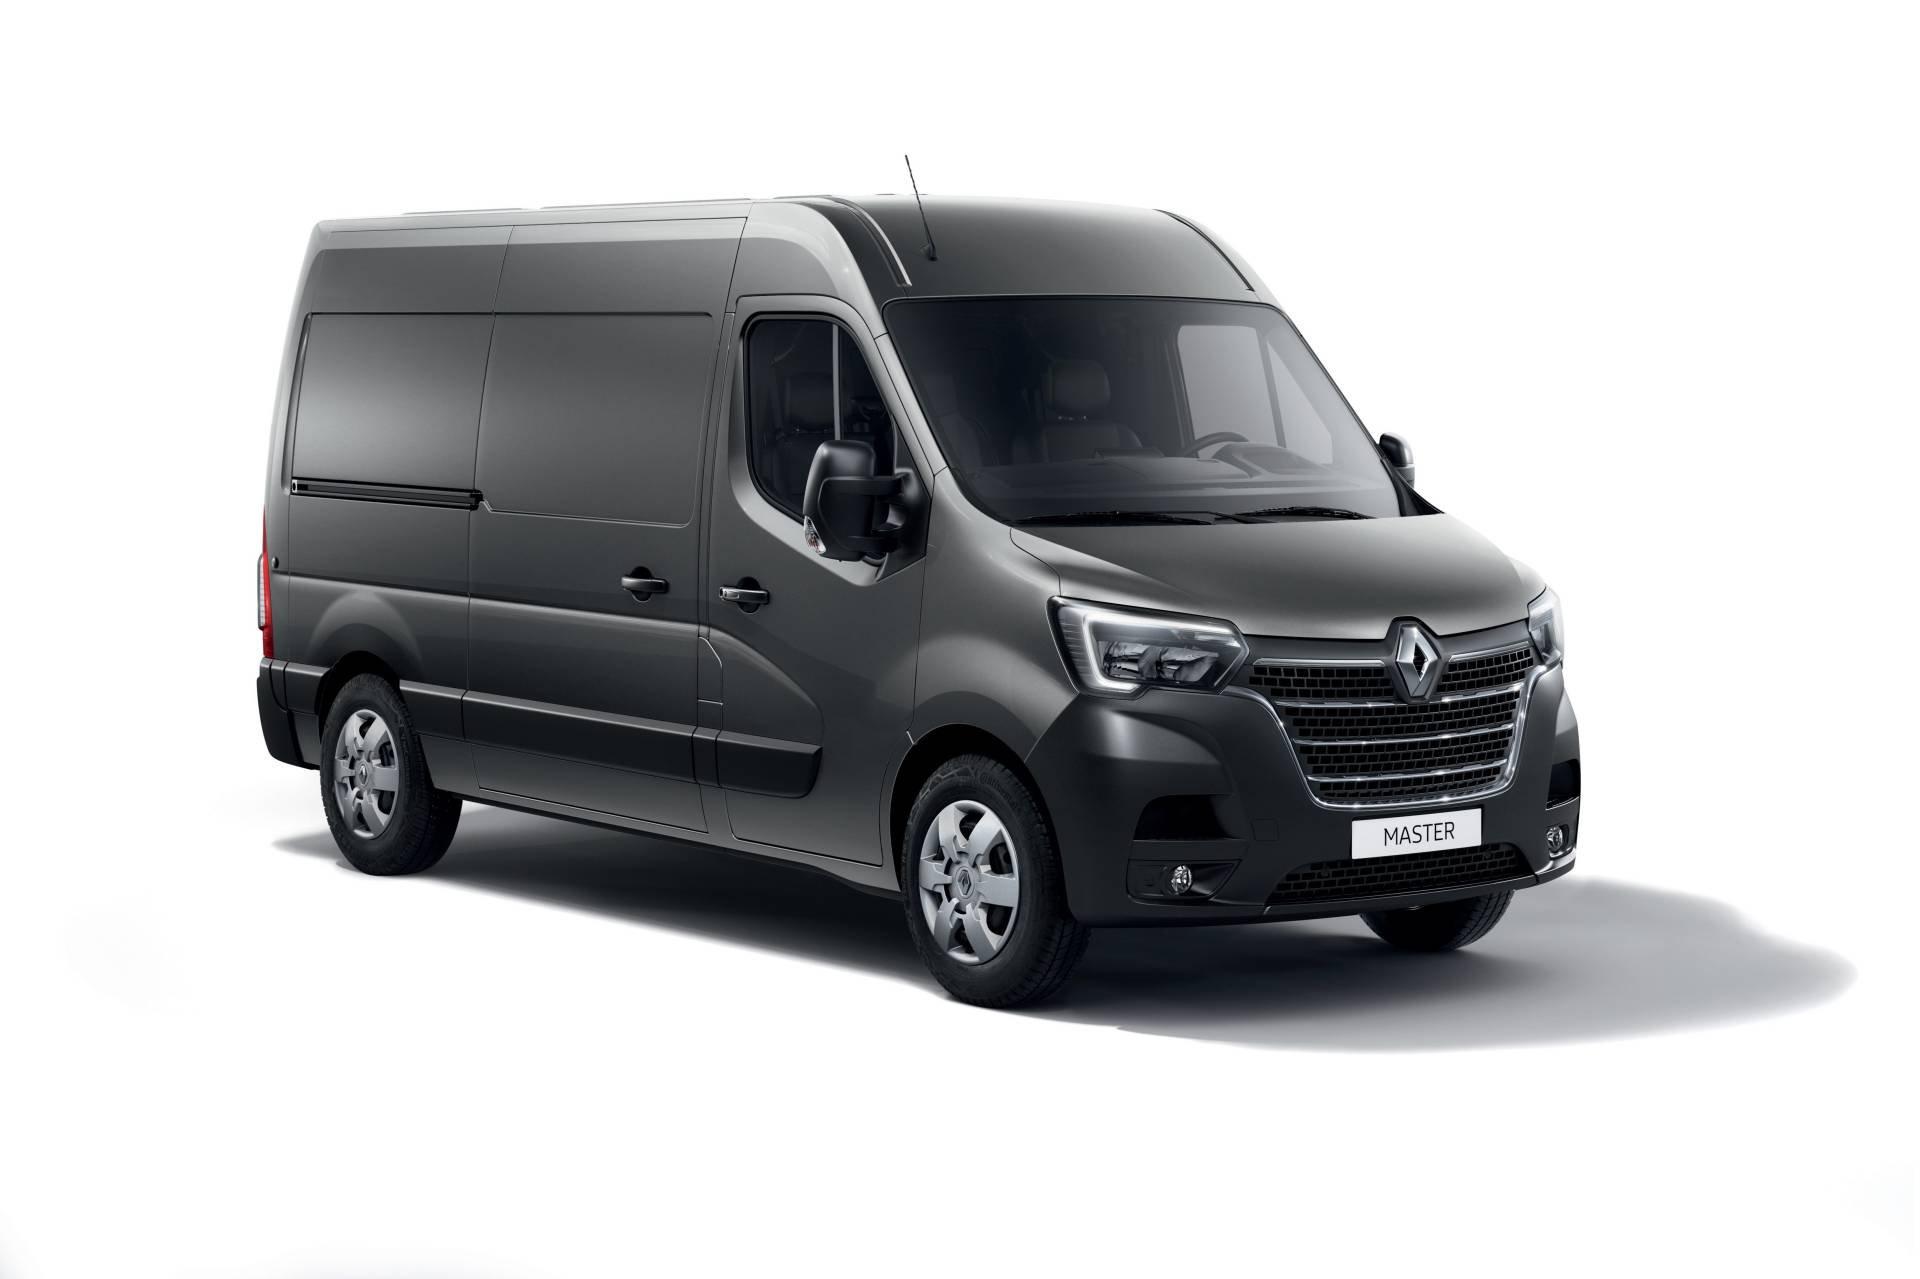 4cfe3221-2019my-renault-master-van-facelift-20